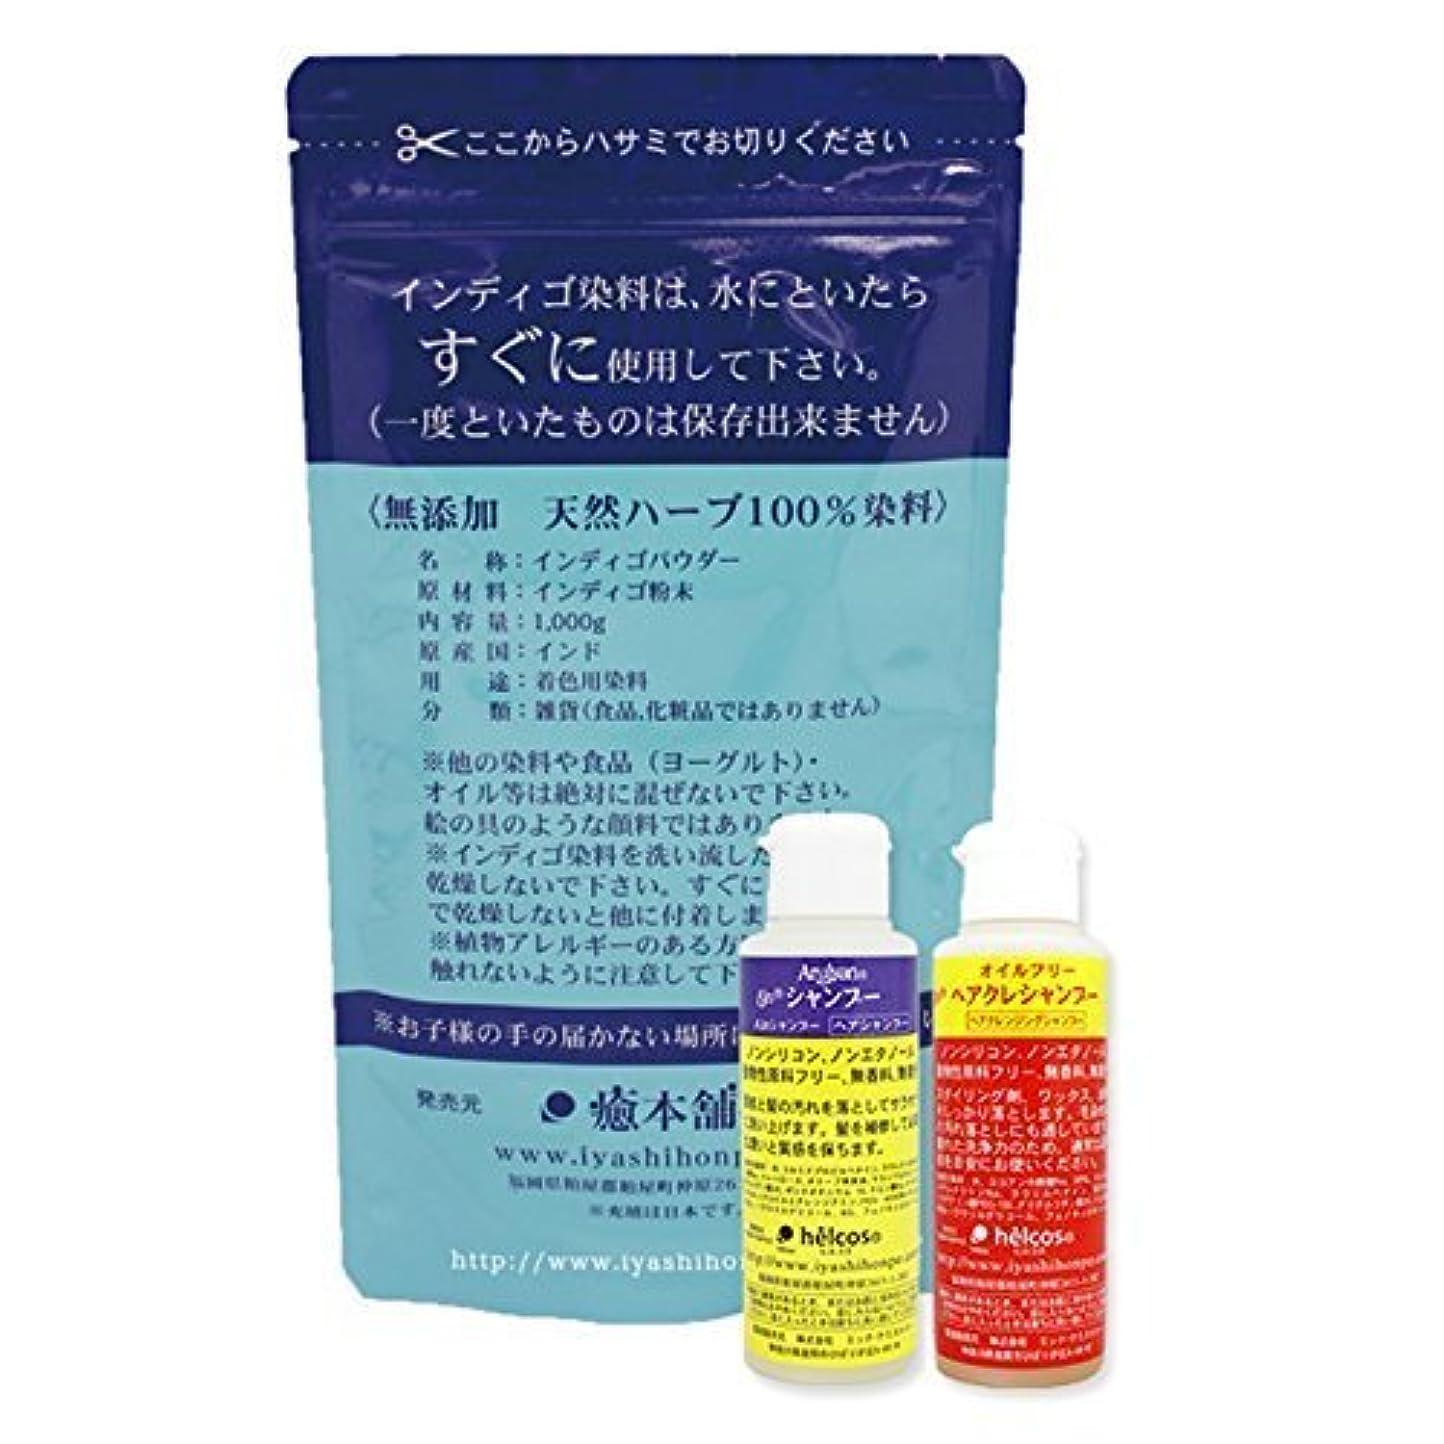 状態橋脚従事する白髪染め インディゴ(天然染料100%) 1kg+シャンプー2種セット 癒本舗